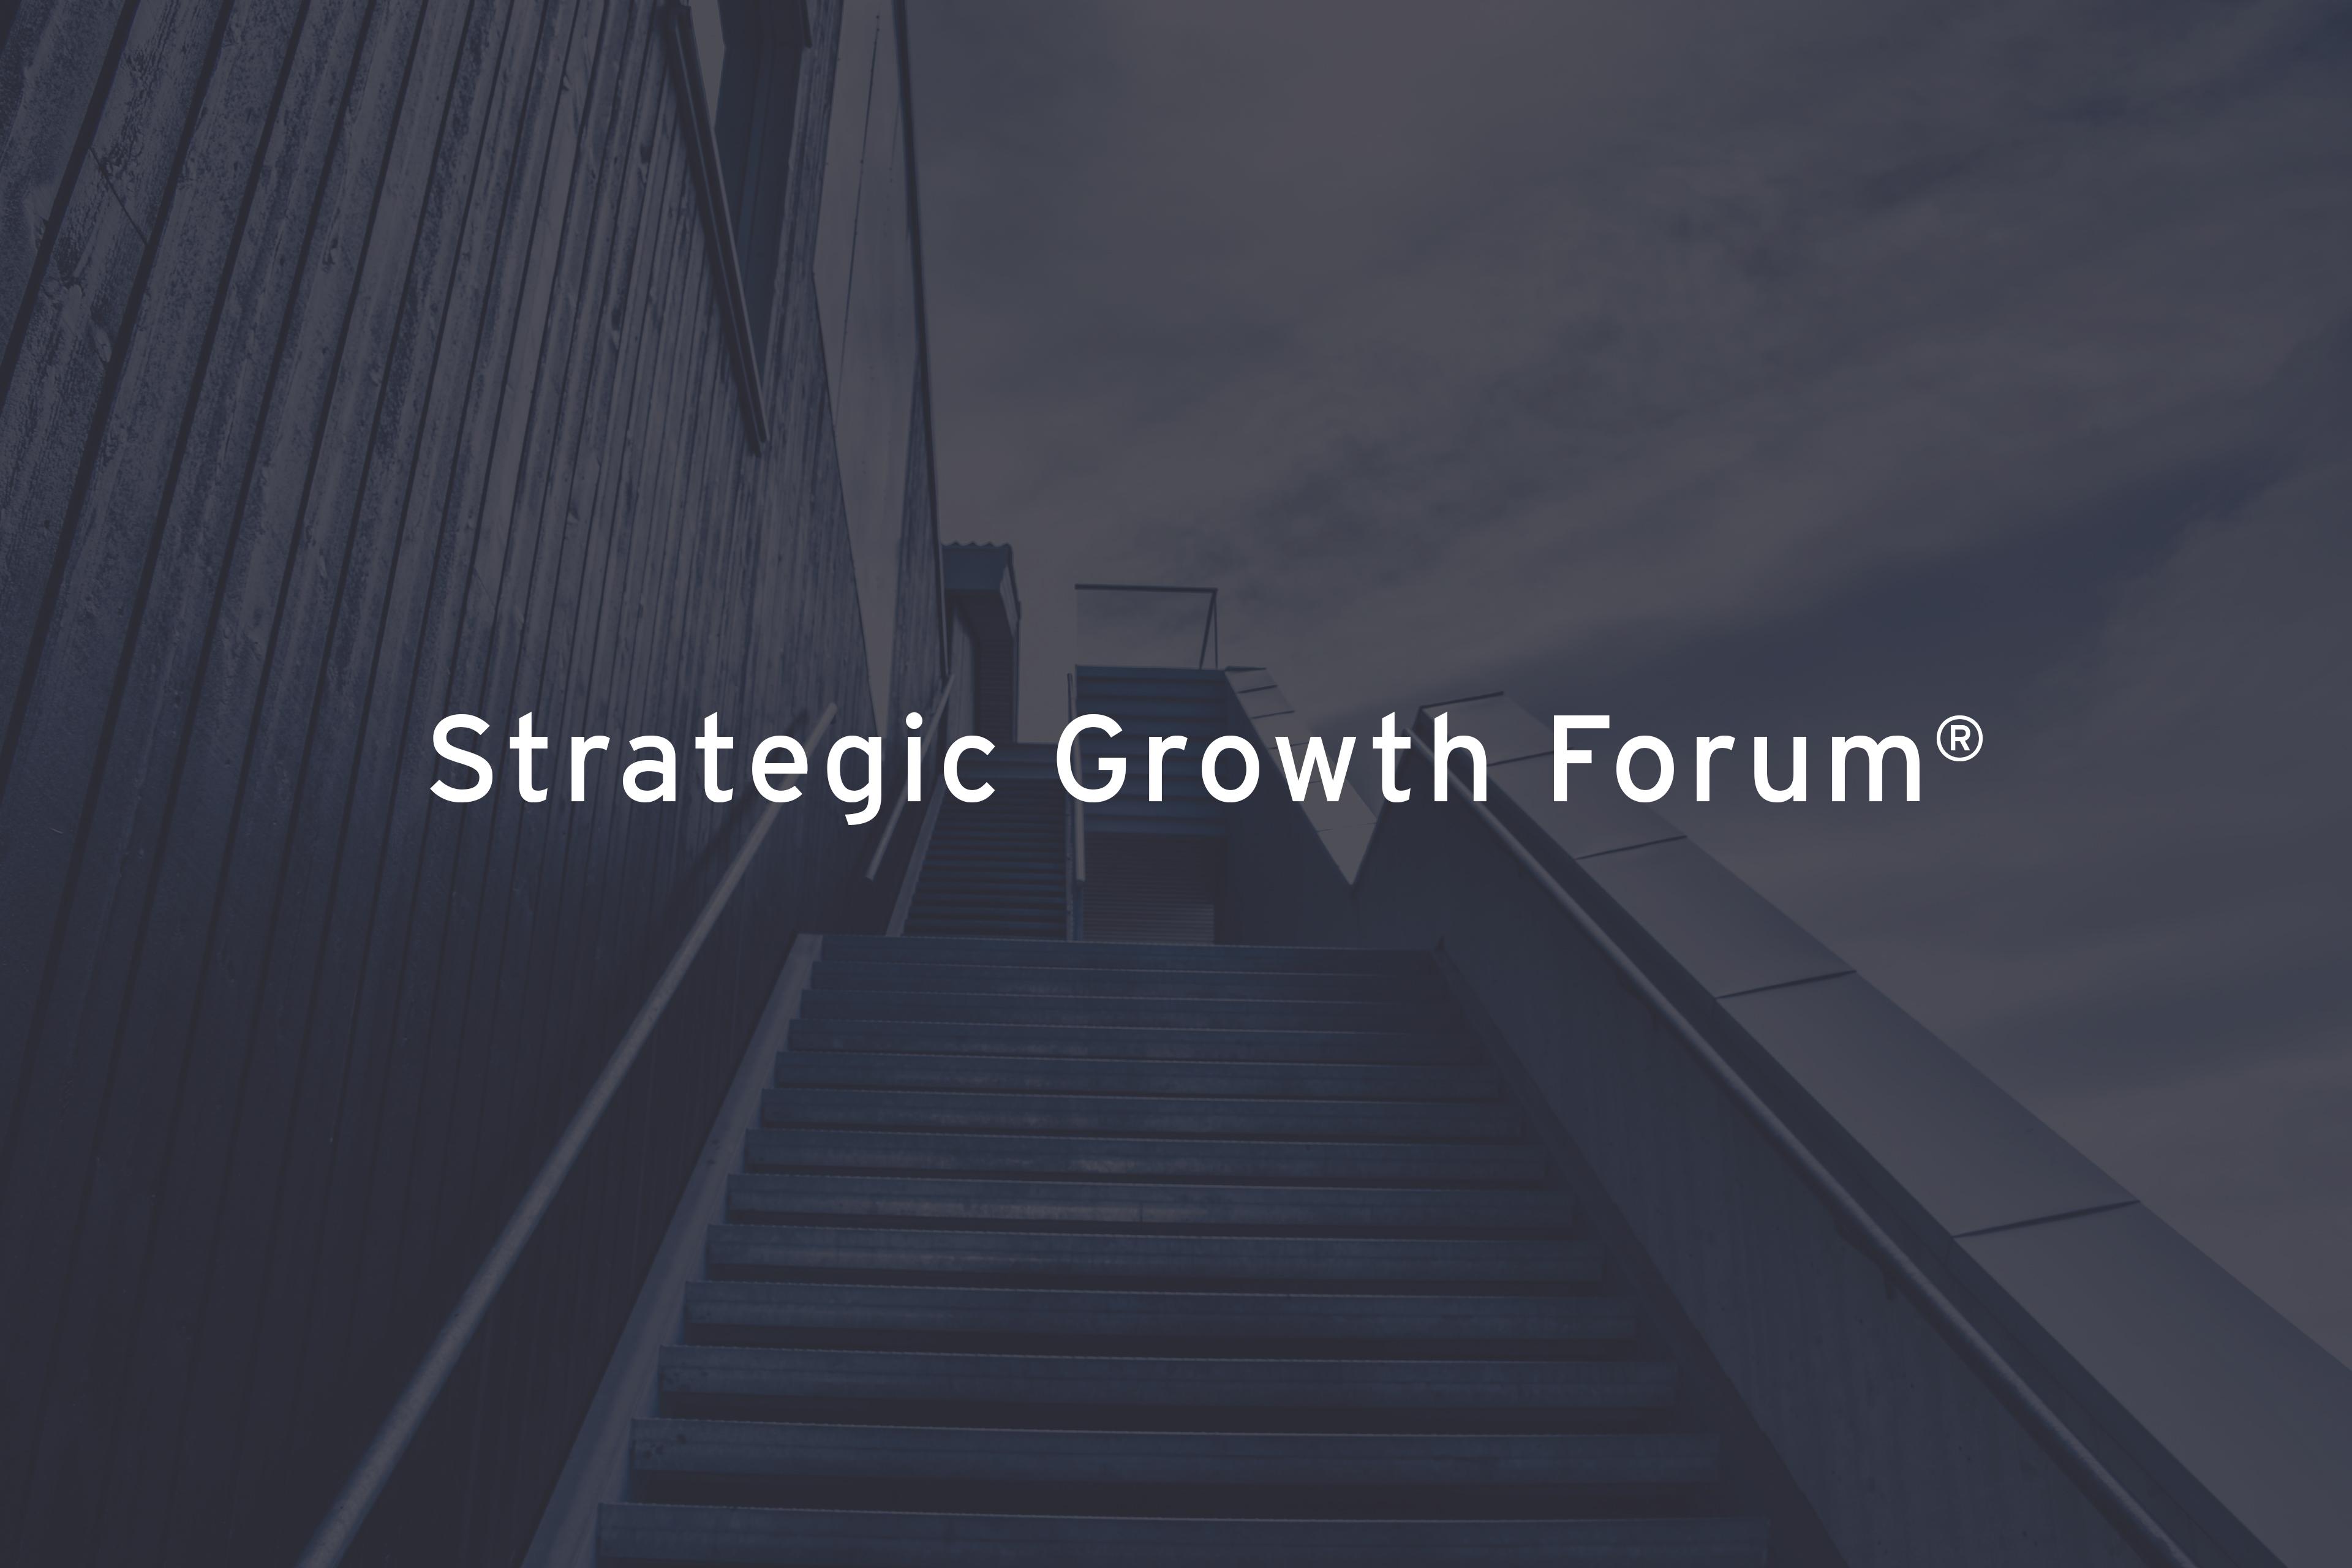 Strategic Growth Forum